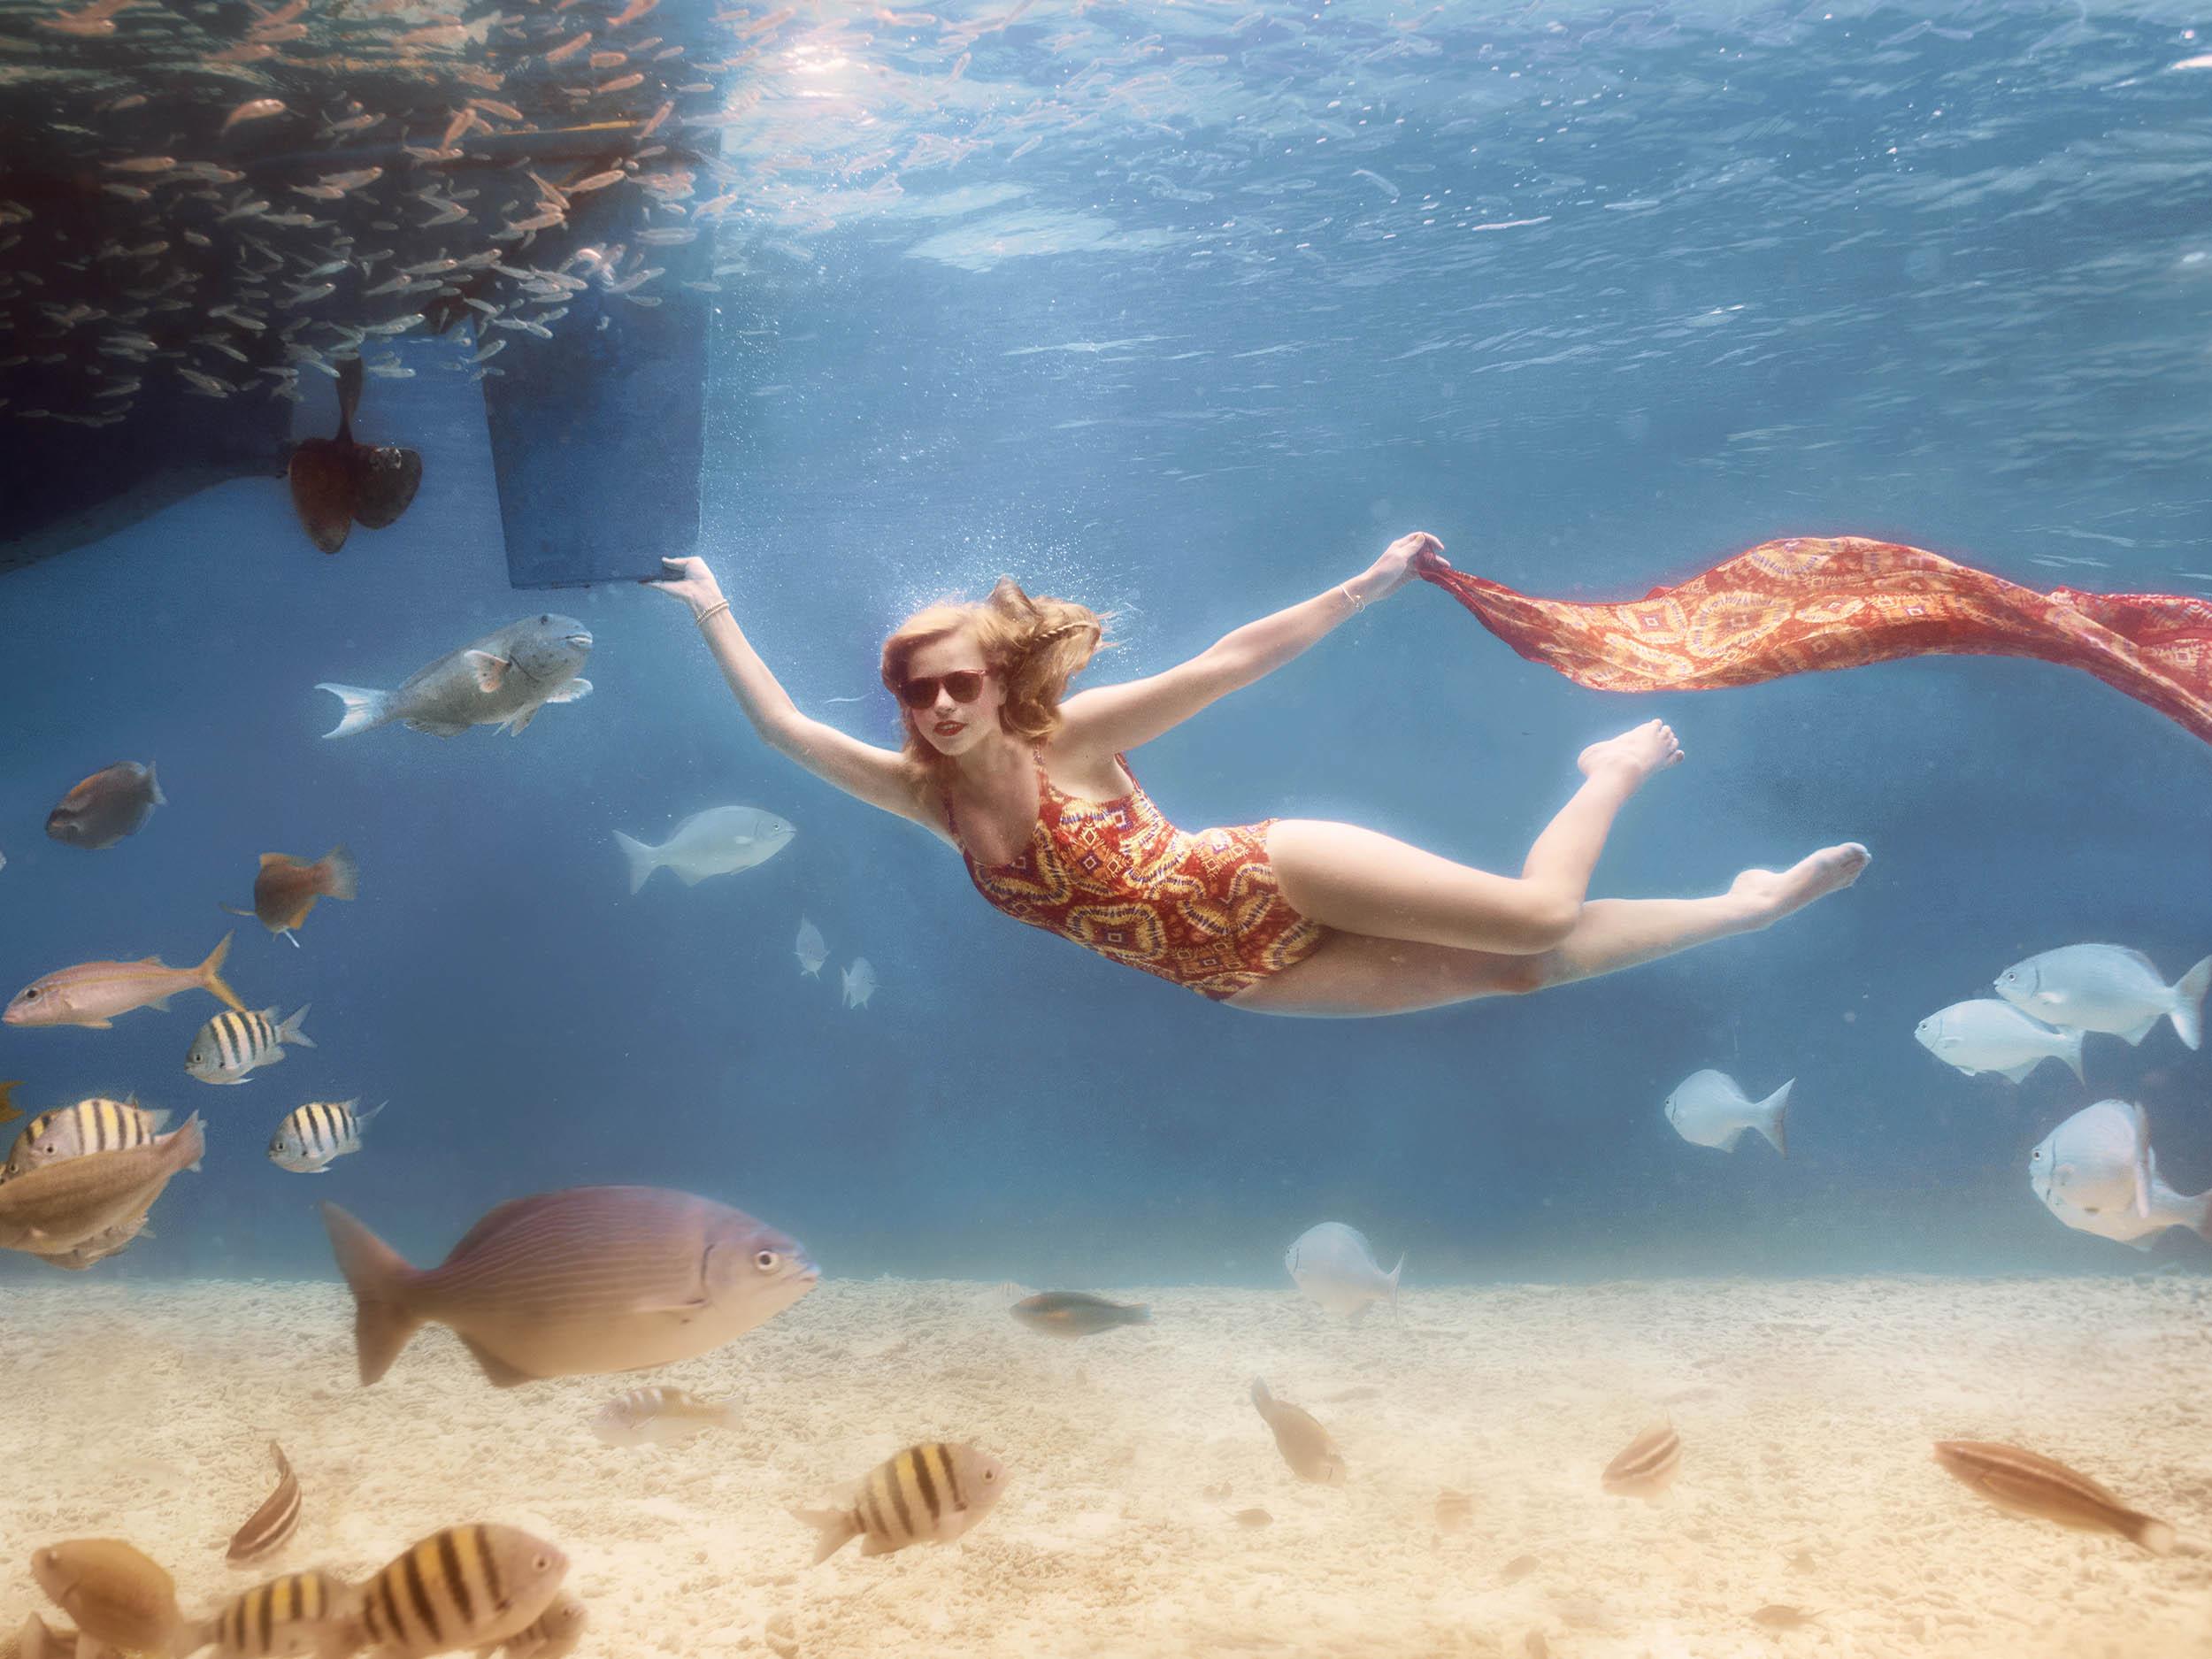 badkleding onderwater fotoshoot